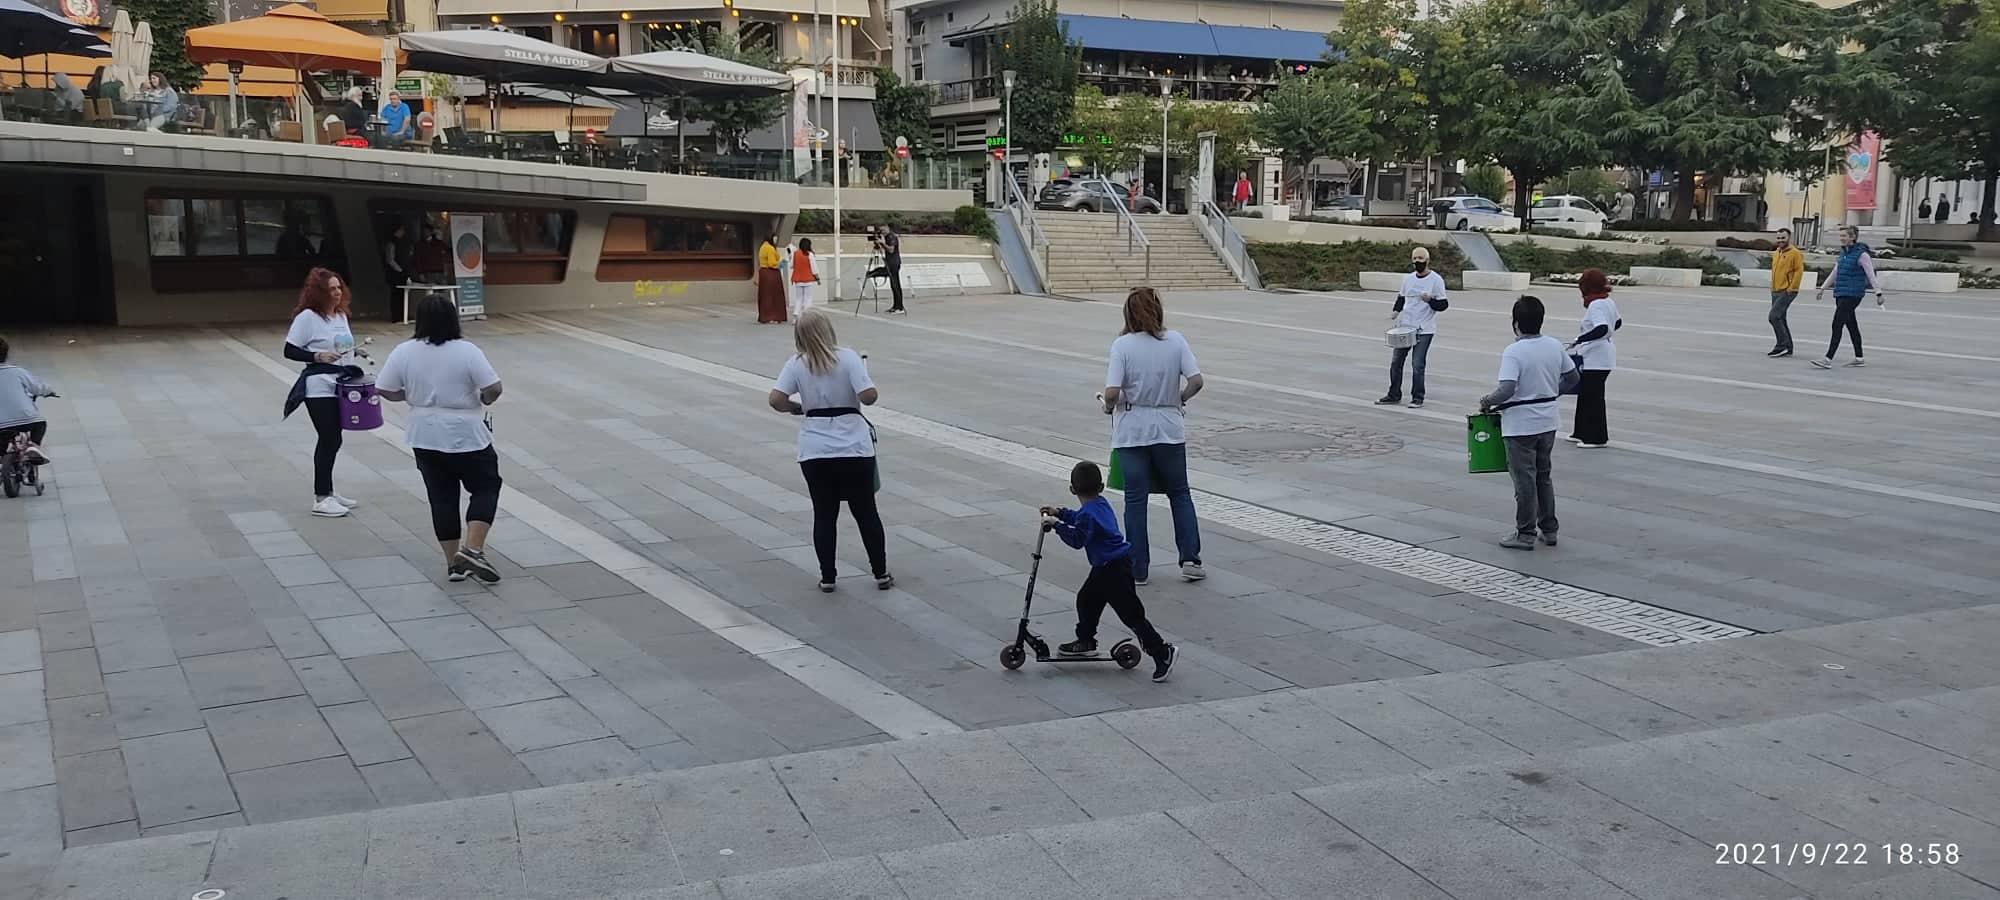 kozan.gr: Κοζάνη: Αυλαία με κρουστά, στην κεντρική πλατεία της πόλης, για την Ευρωπαϊκή Εβδομάδα Κινητικότητας του Δήμου Κοζάνης (Βίντεο)